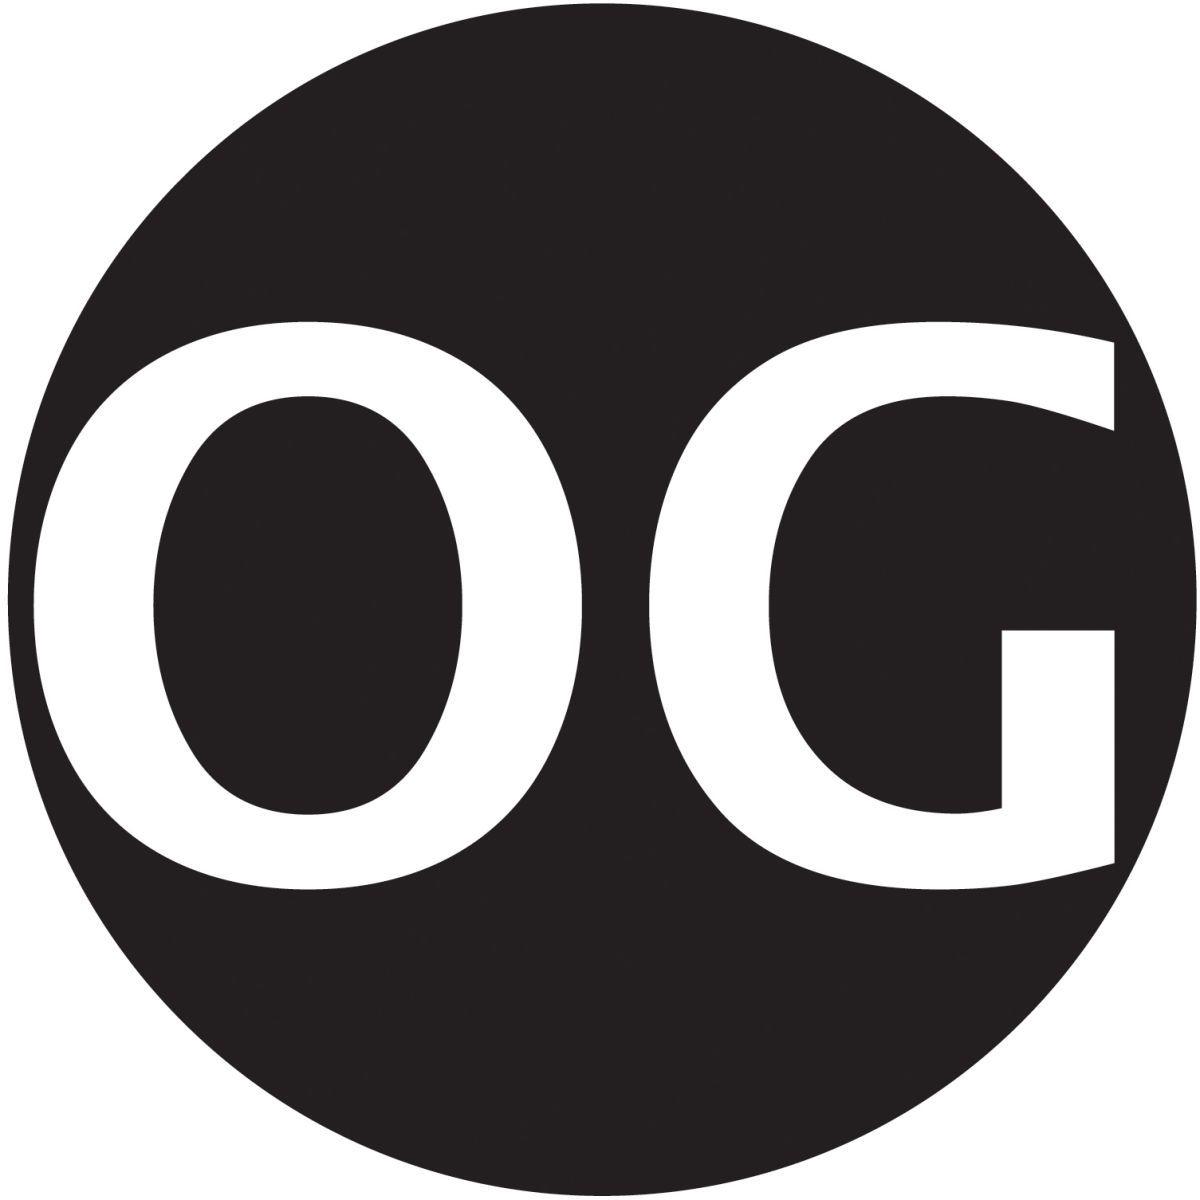 061114211313_11-new_og_logo.jpg